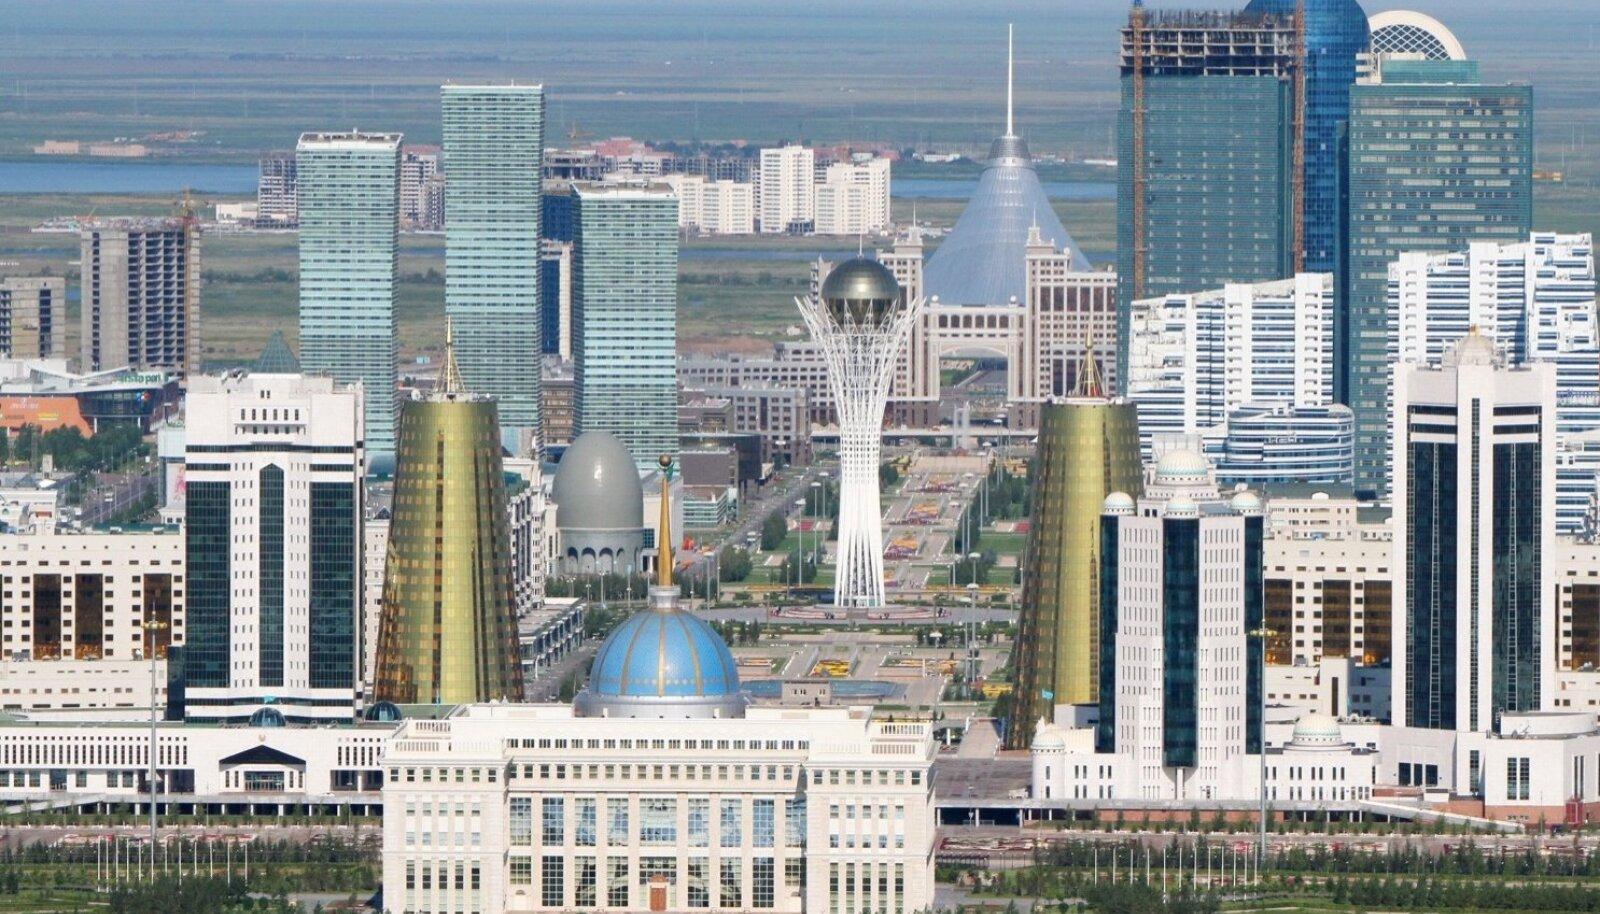 Uus Astana keskus. Esilpaanil presidendipalee Ak Orda, keskel kuldmunas vaateplatvormiga Baiterek, taamal telgikujuline Han Šatõri meelelahutuskeskus. Linn on jõudsalt kasvanud: 1999. aastal elas Astanas 280 000 inimest, kellest 30% olid kasahhid ja ülejäänud venelased, aga praeguseks on linnaelanikke üle 835 000, neist 65% kasahhe ja 24% venelasi.